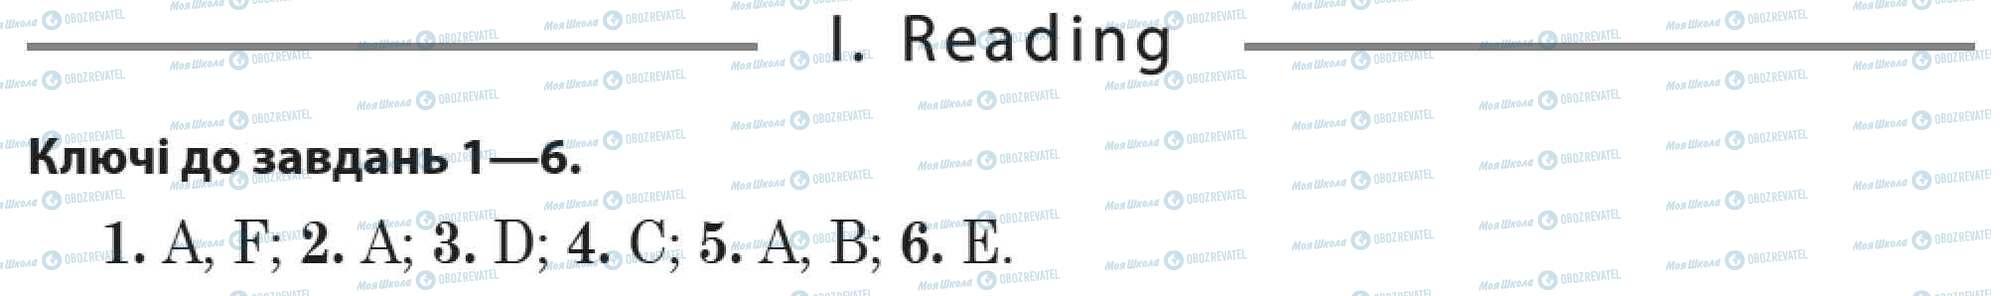 ДПА Англійська мова 11 клас сторінка 1. Reading